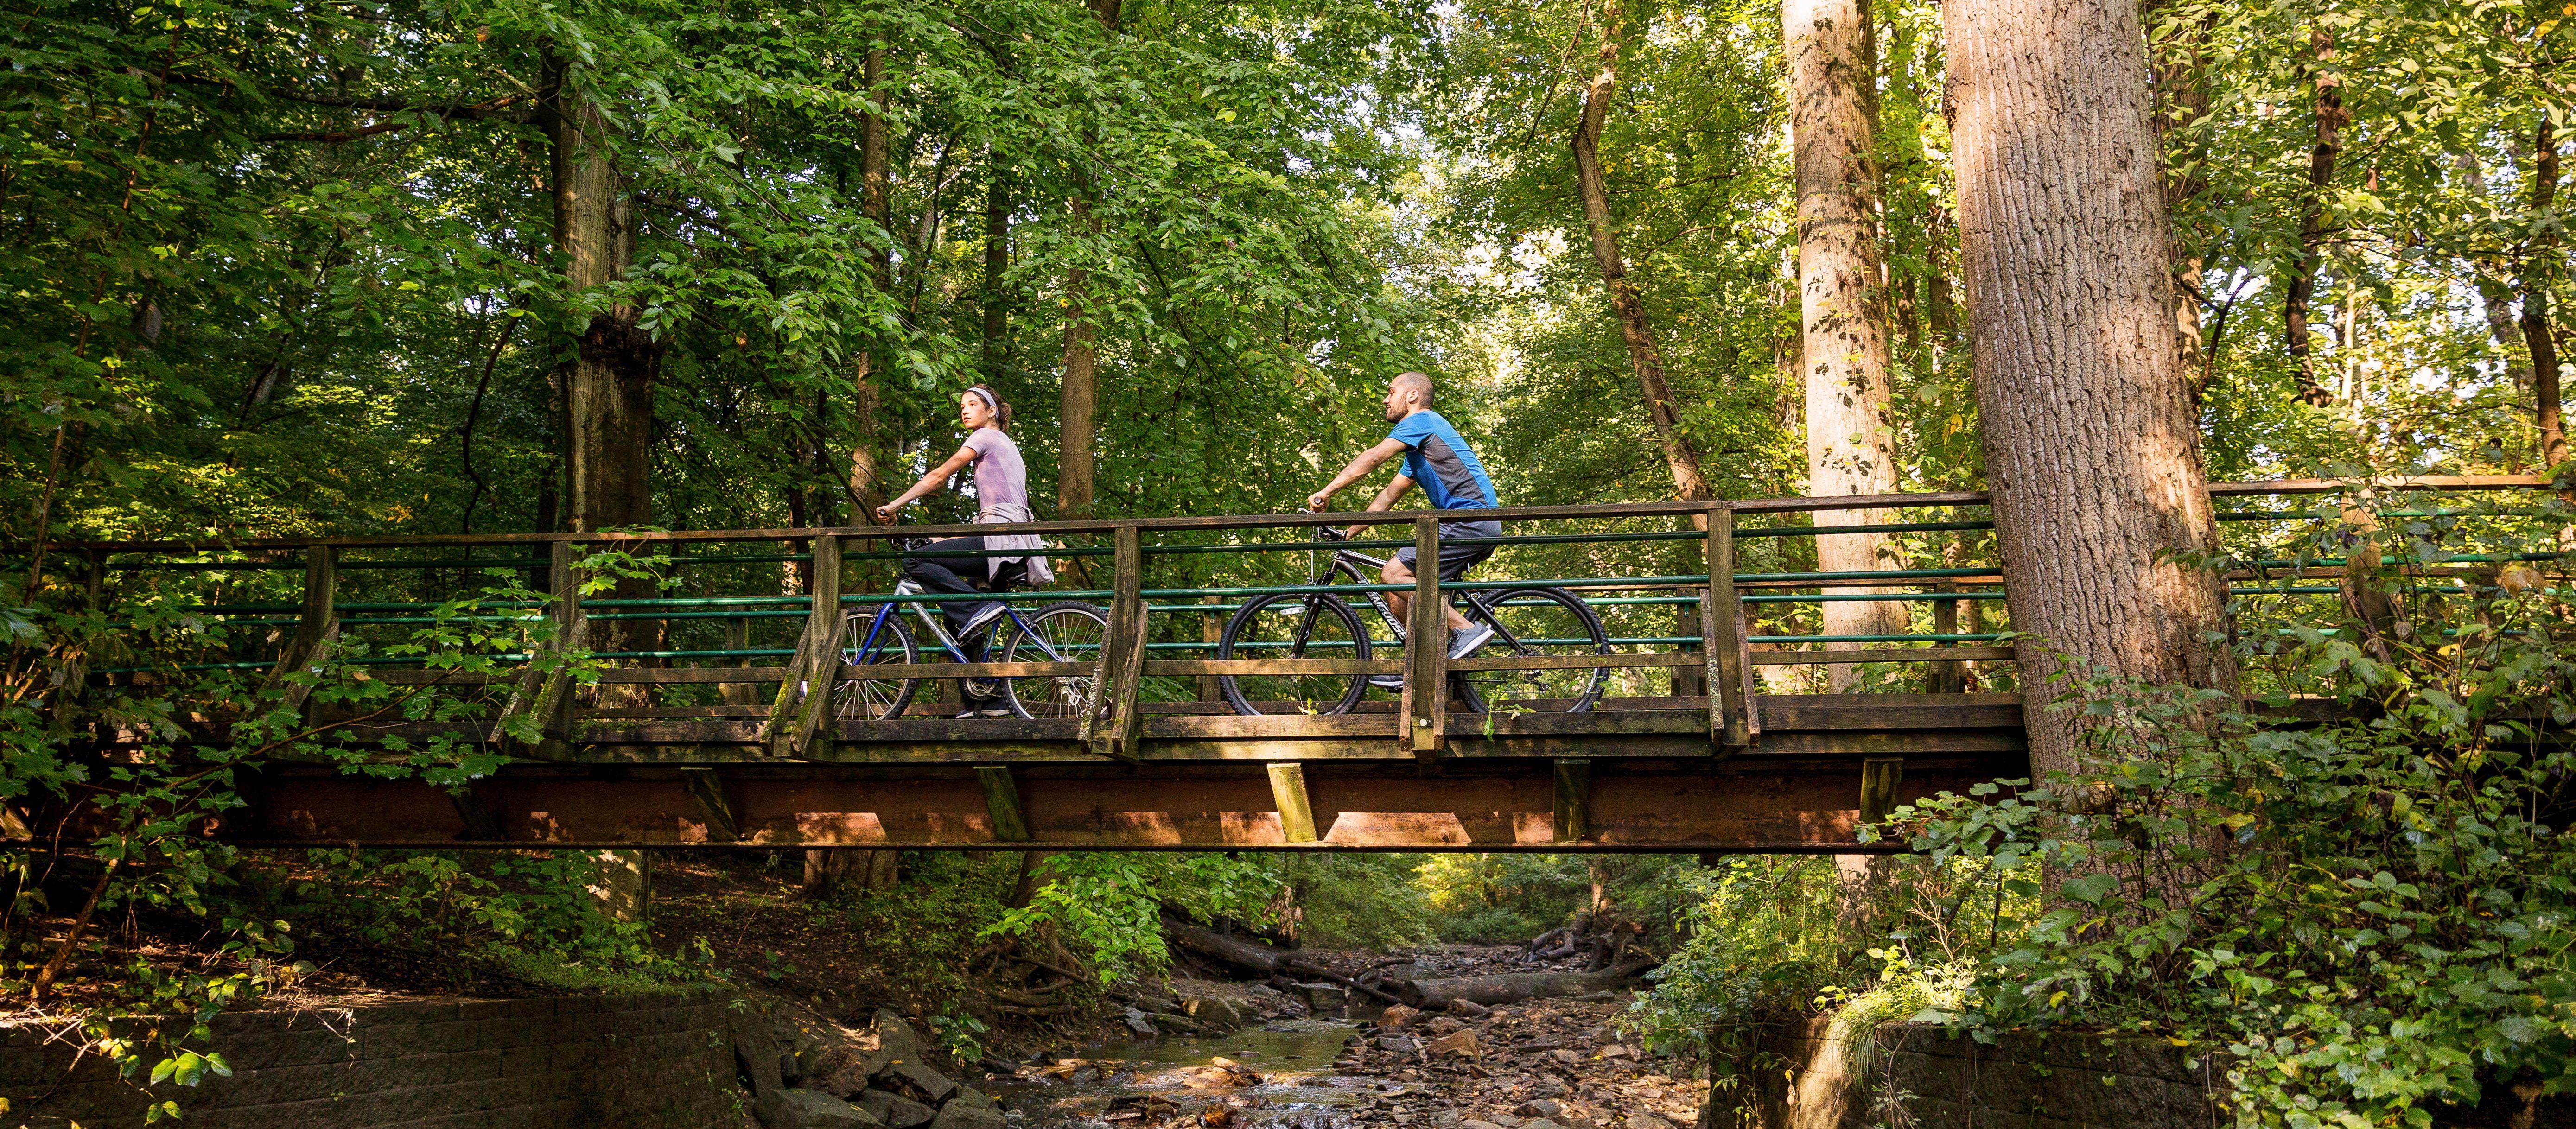 Eine Fahrradtour durch die Siedlung Valley Forge in Pennsylvania